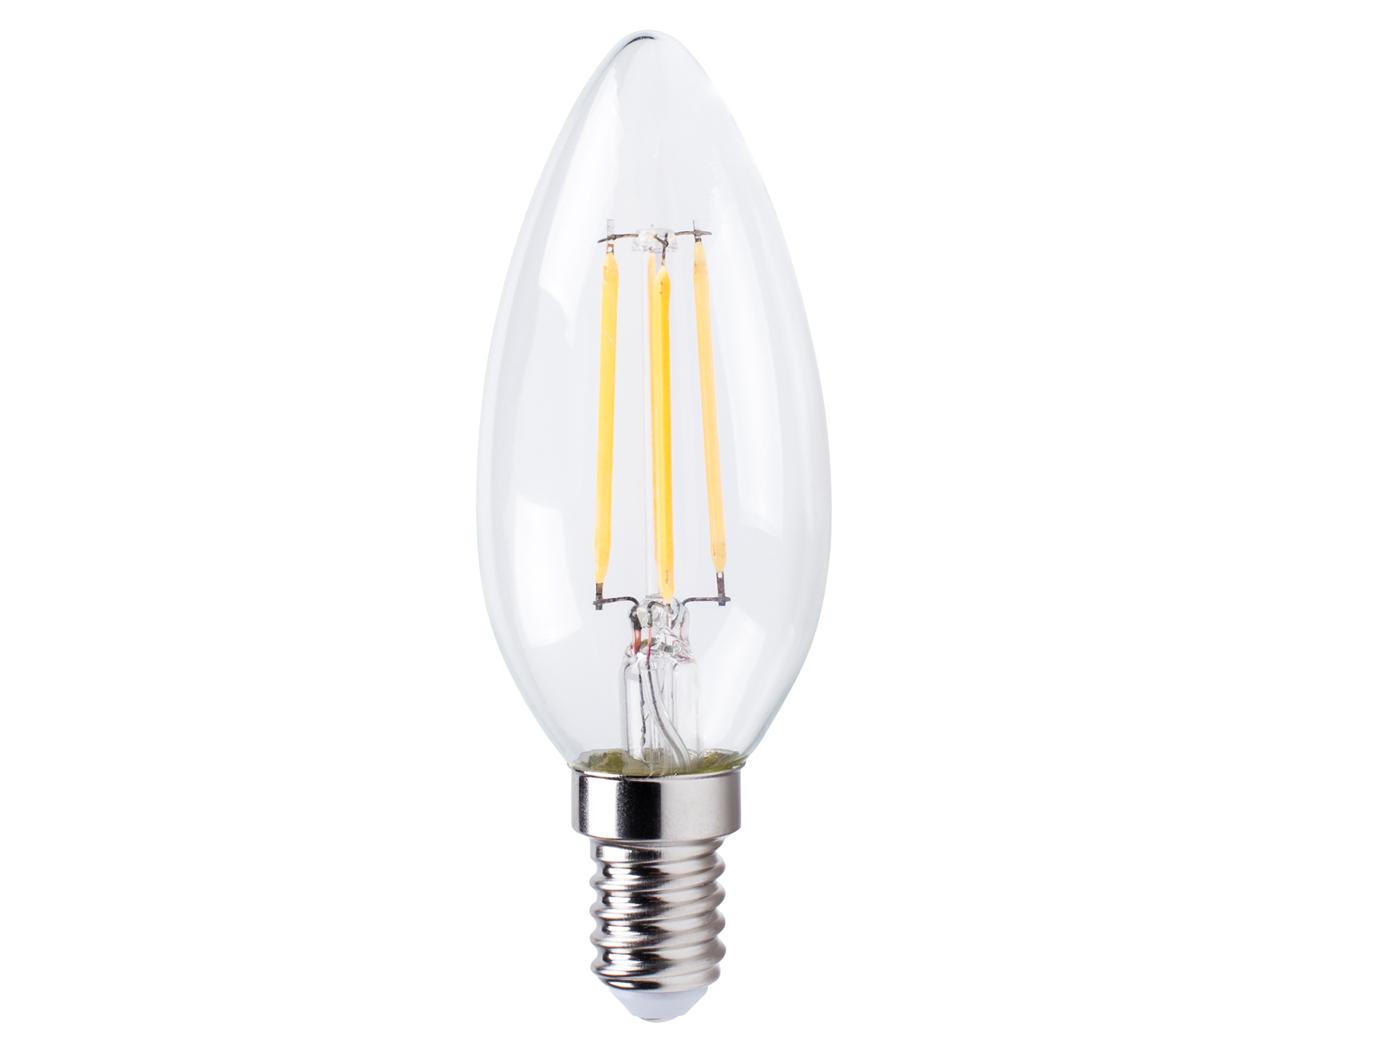 Kühlschrank Led Kaltweiss : Leuchtmittel e14 led led lampe tfo g45 5w 3000k ersetzt 30w